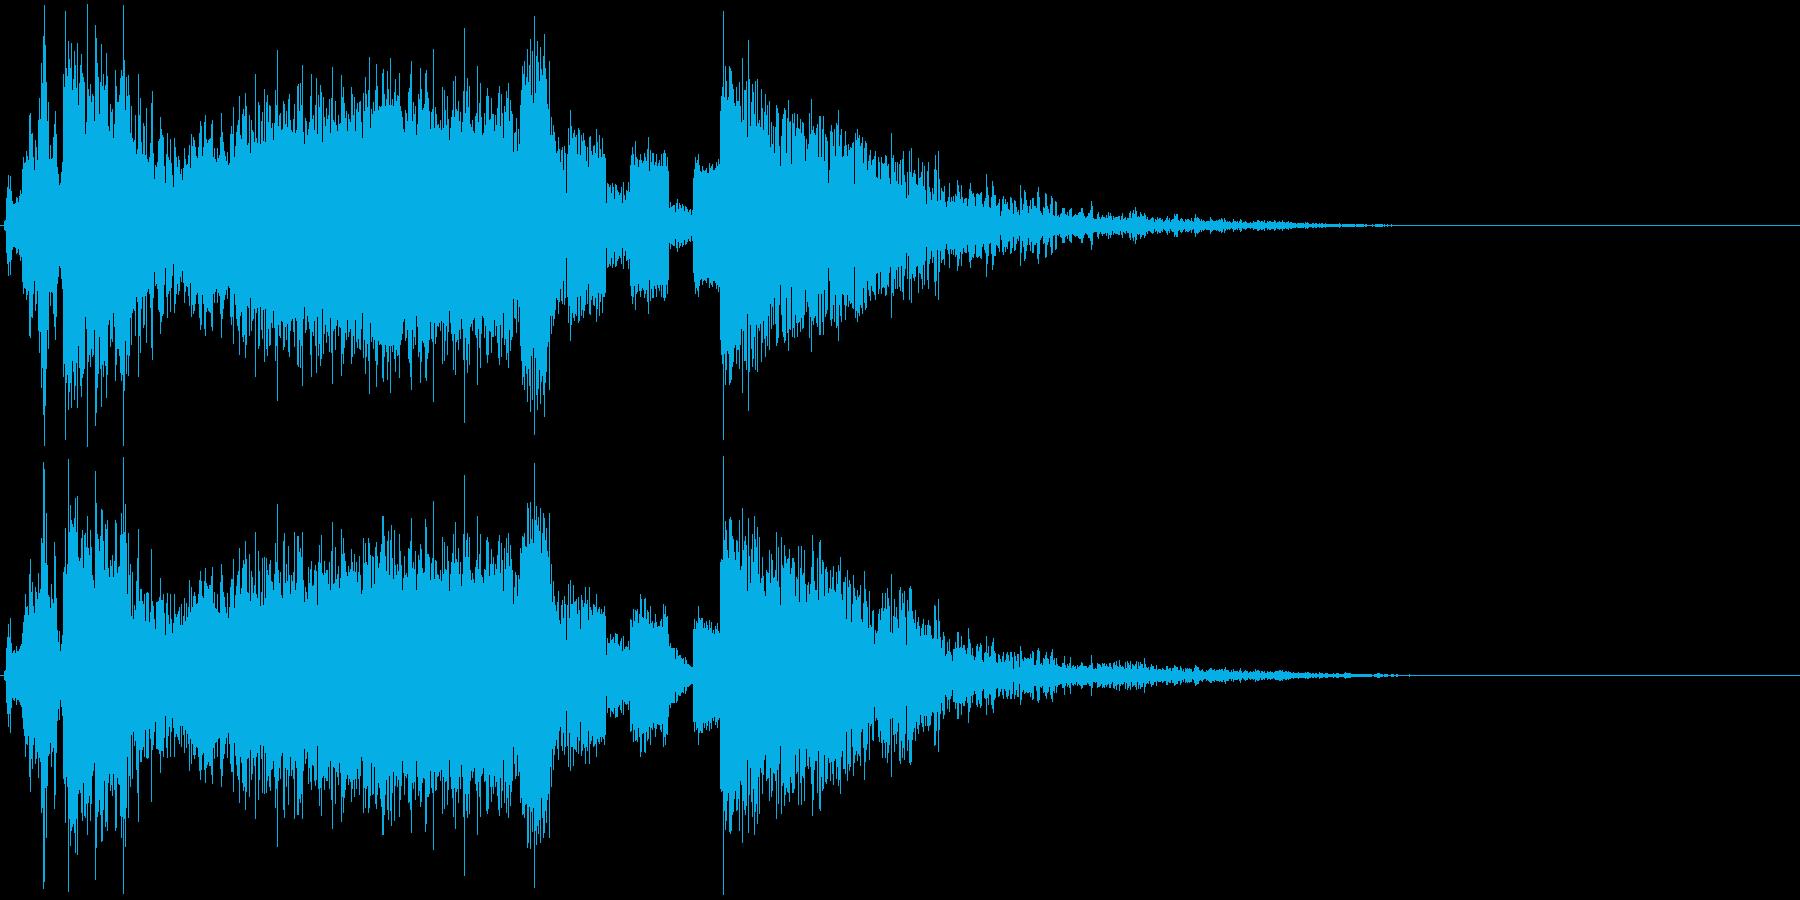 マシンON⇨故障⇨爆発のカートゥーン系の再生済みの波形